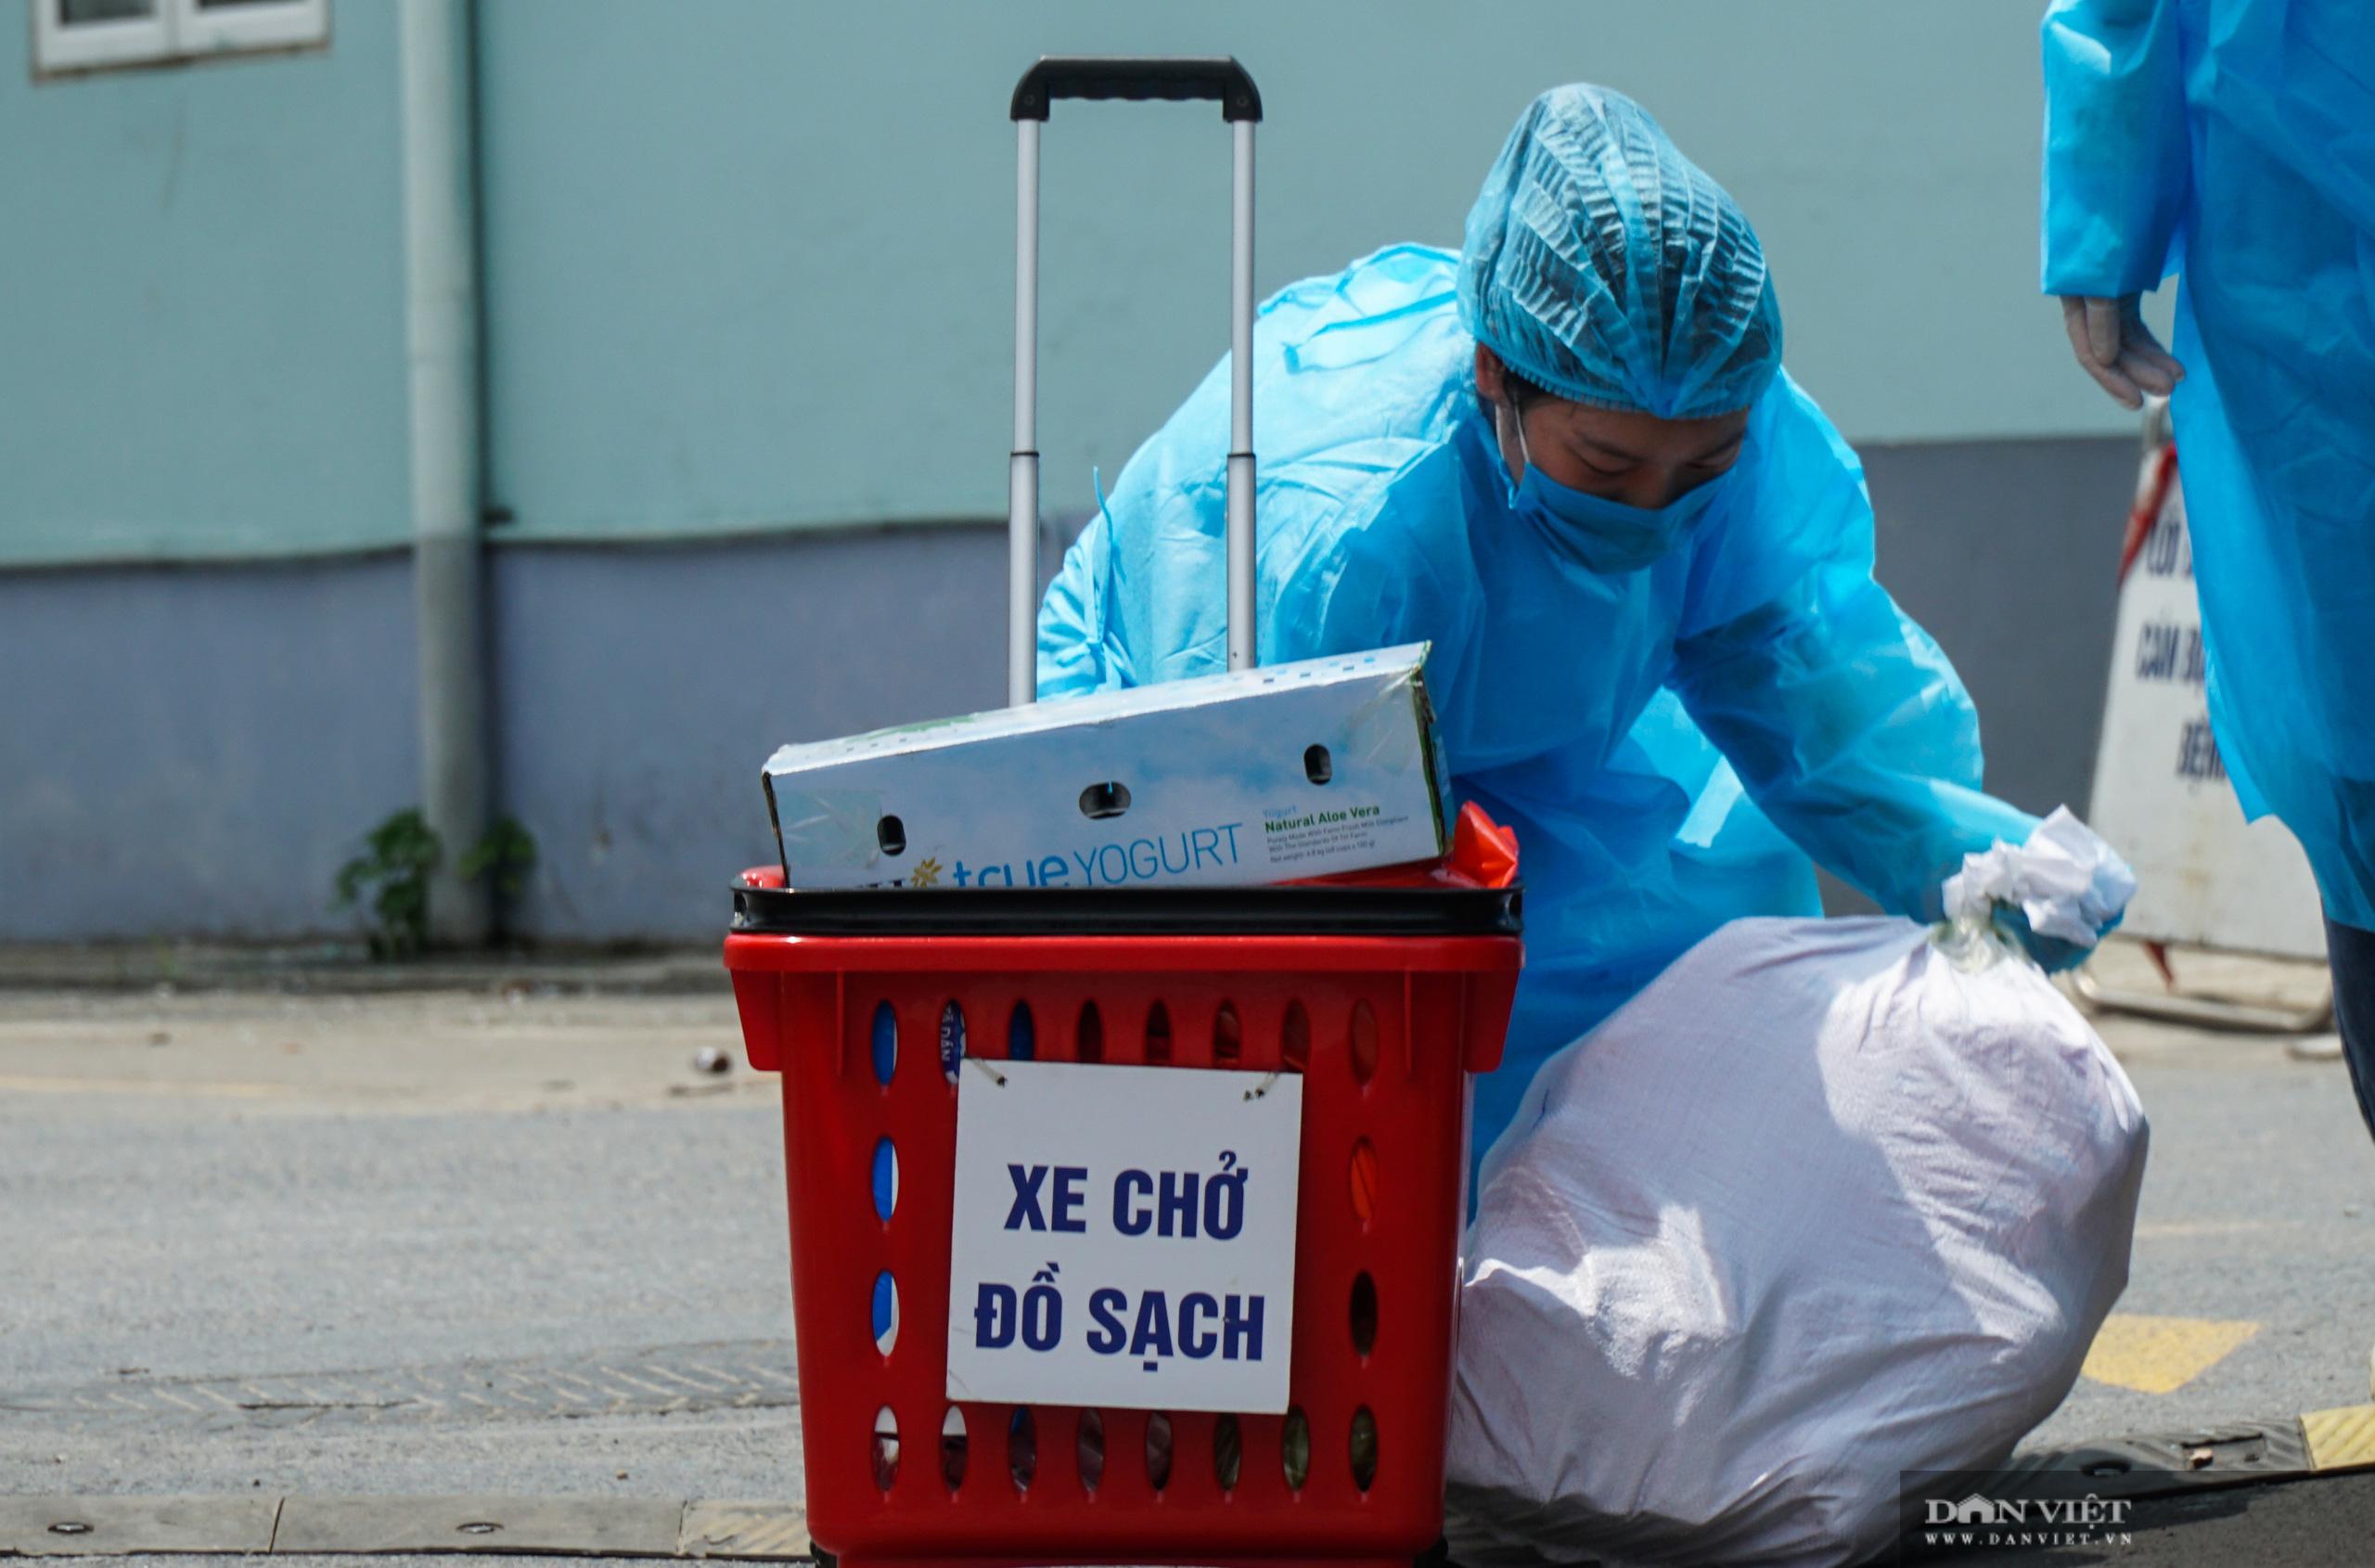 Bệnh viện K Tân Triều bị phong toả, người thân đội nắng tiếp tế đồ ăn - Ảnh 11.